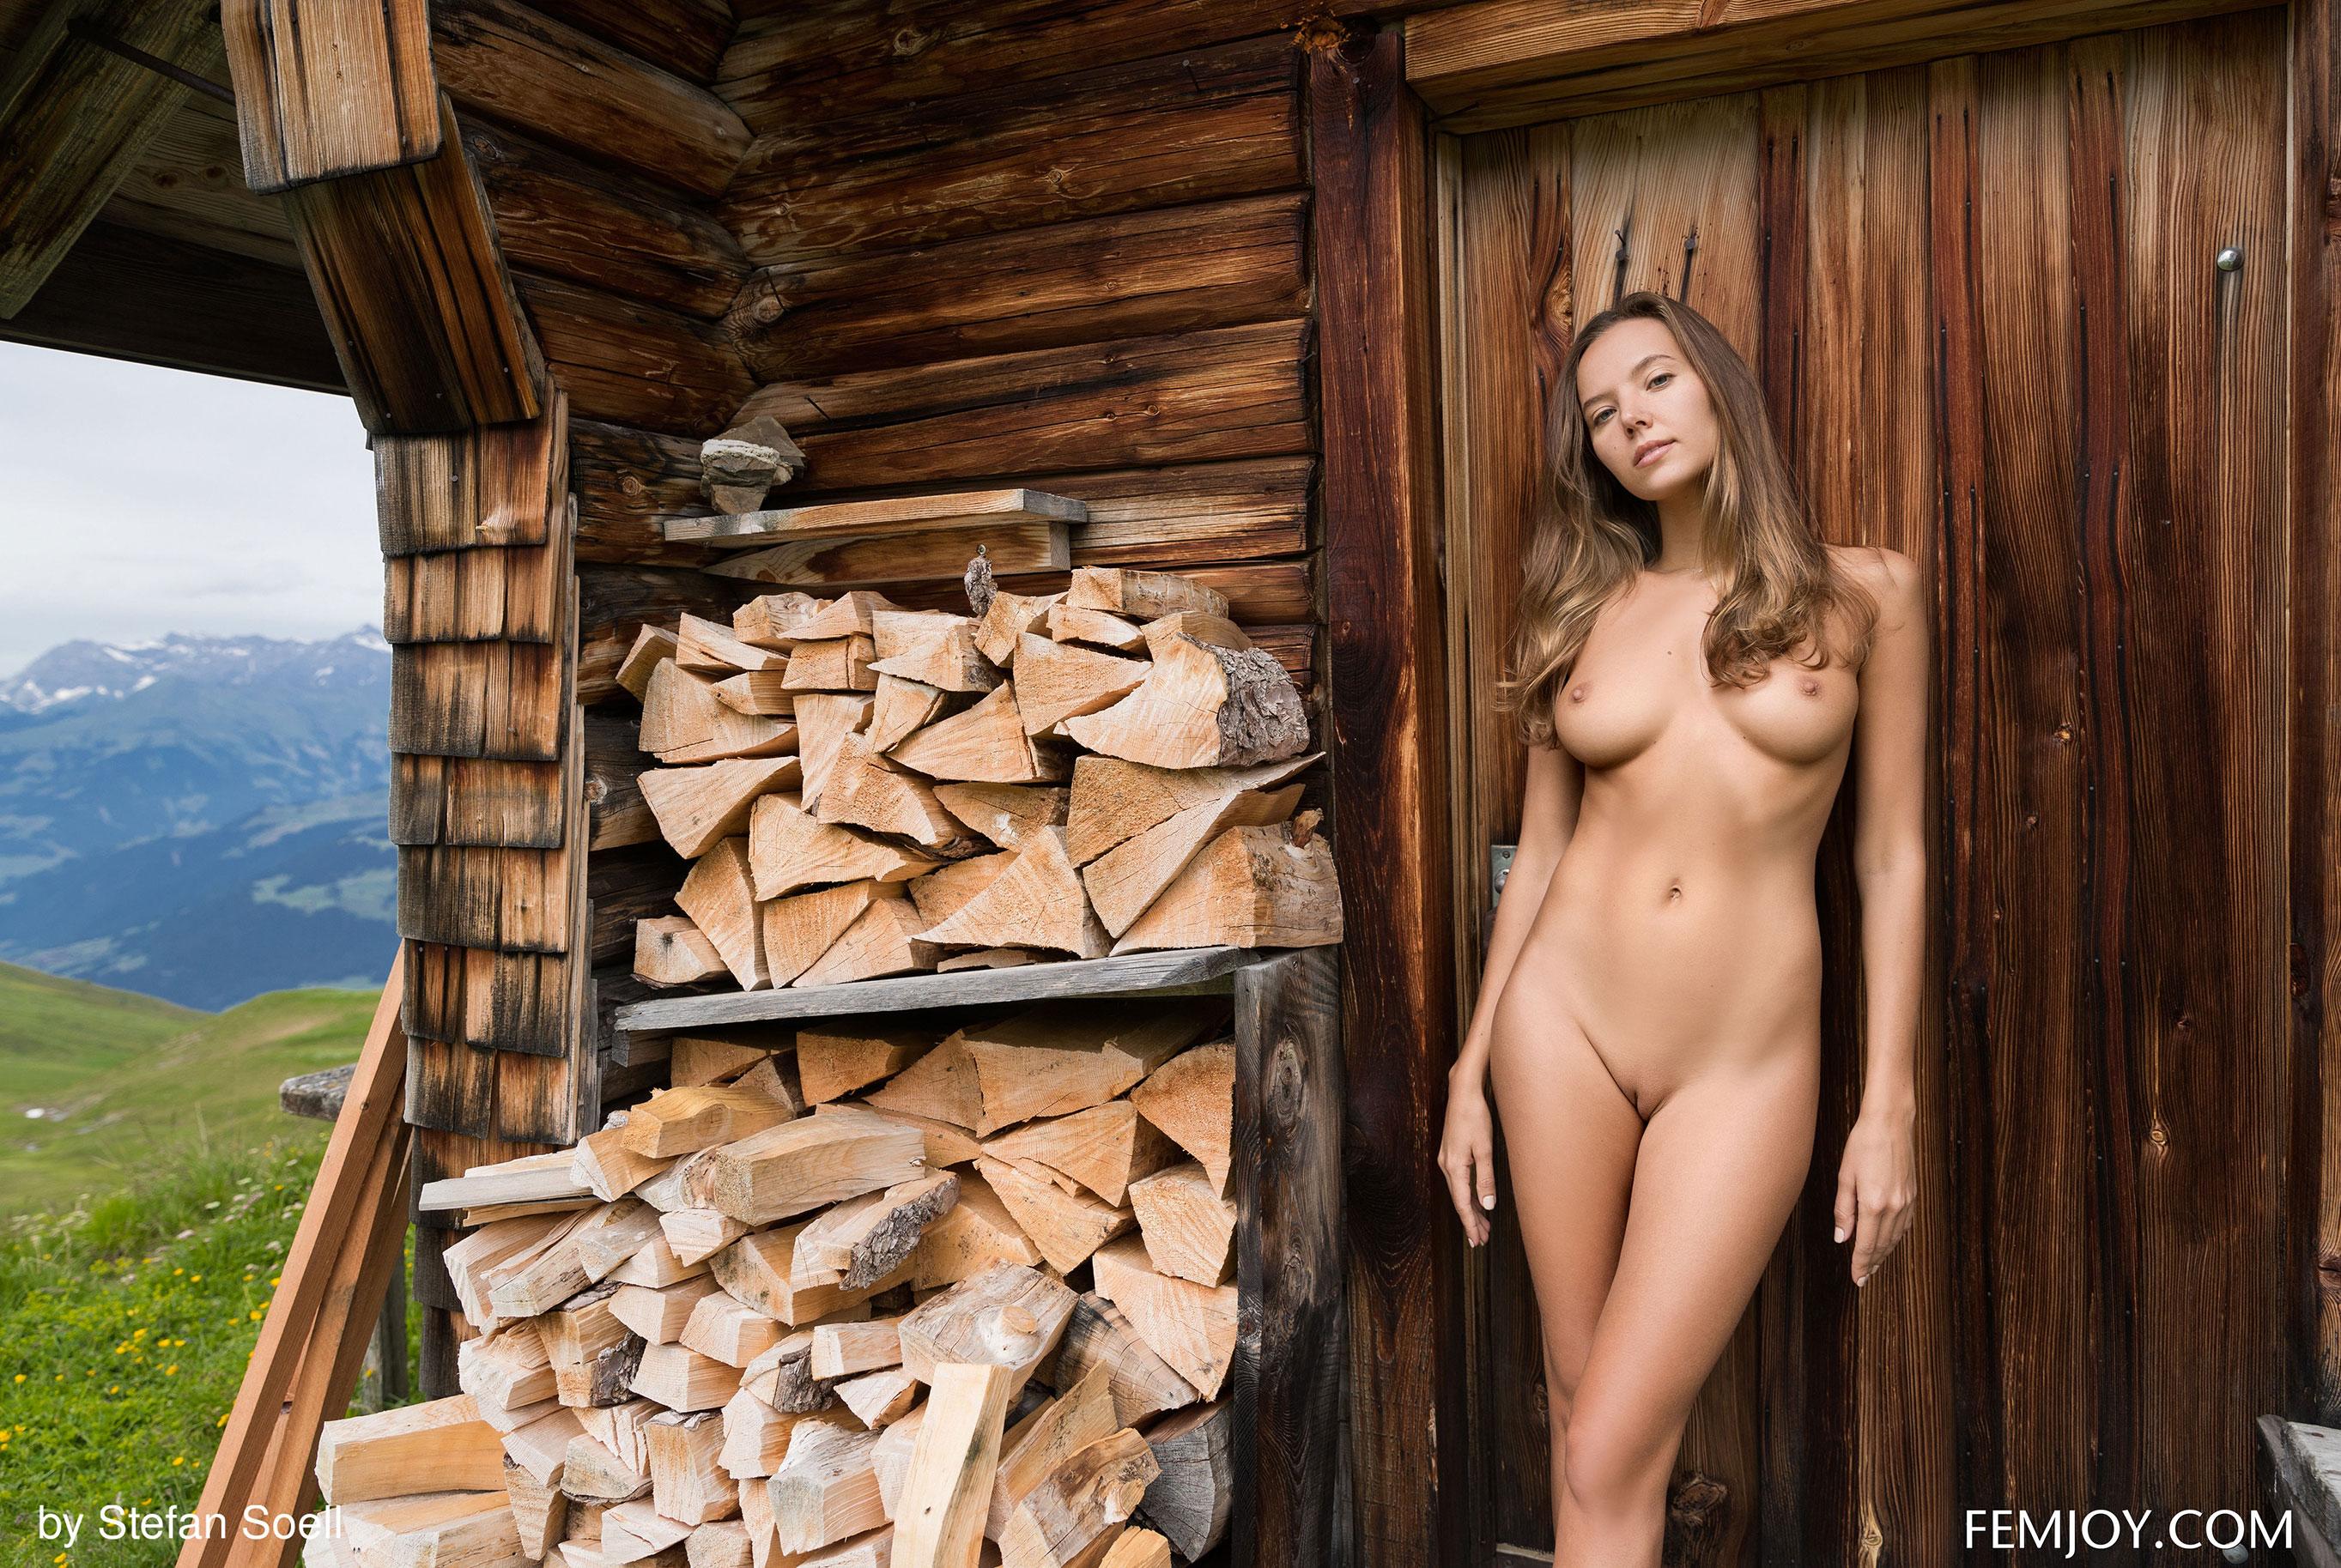 Сексуальная Катя - голая и одинокая в избушке на склоне Альпийских гор / фото 14